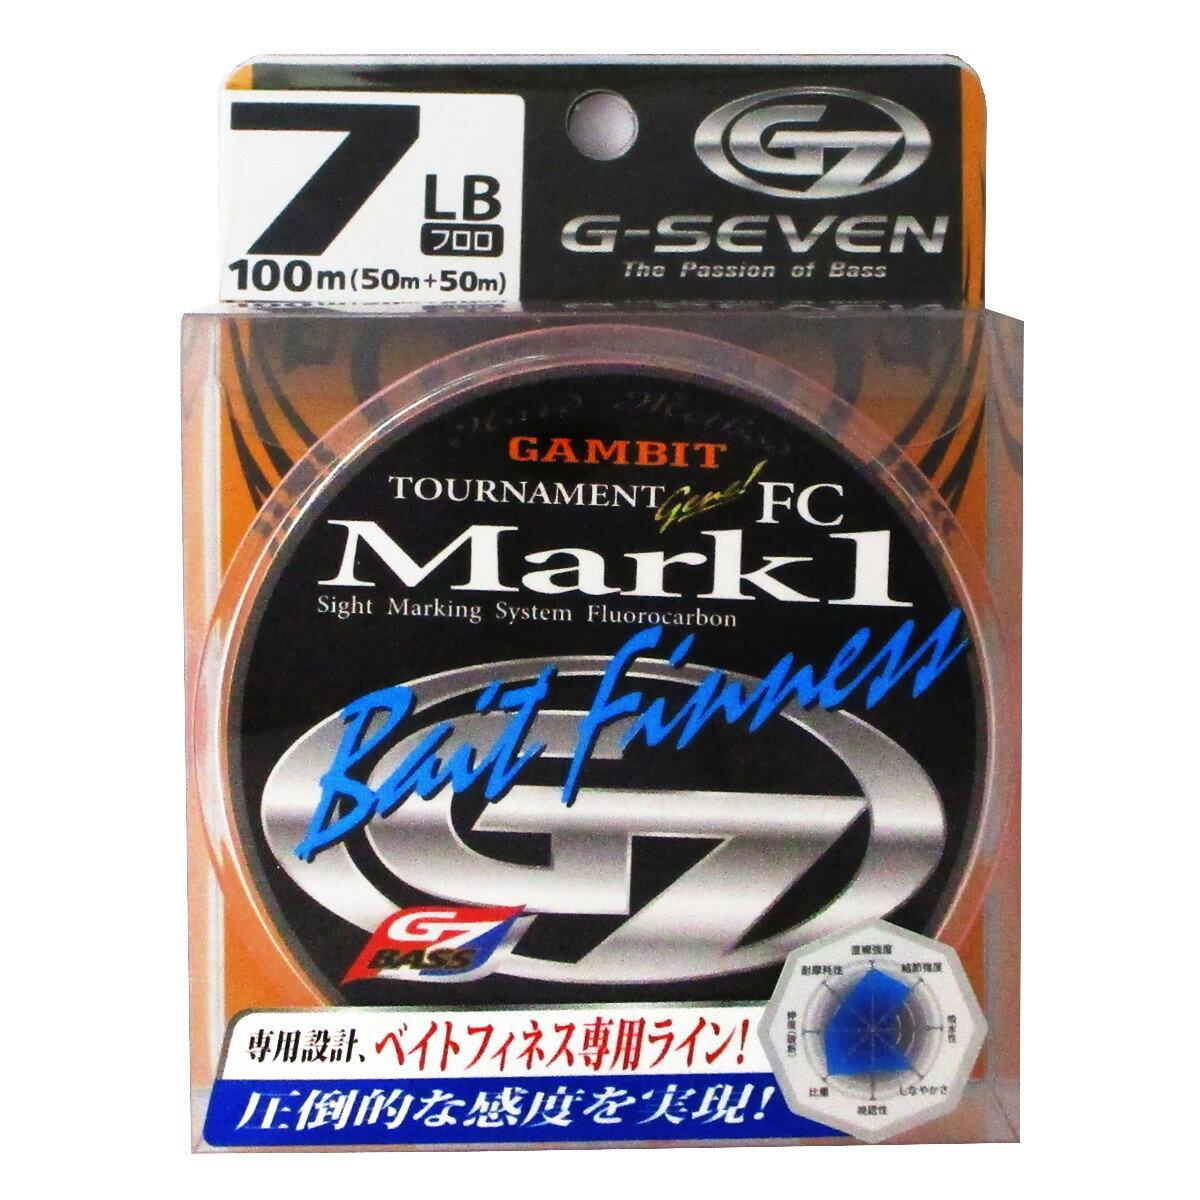 ラインシステム G7 トーナメントジーン MARK1 ベイトフィネス G3107B 100m 7lb【ゆうパケット】